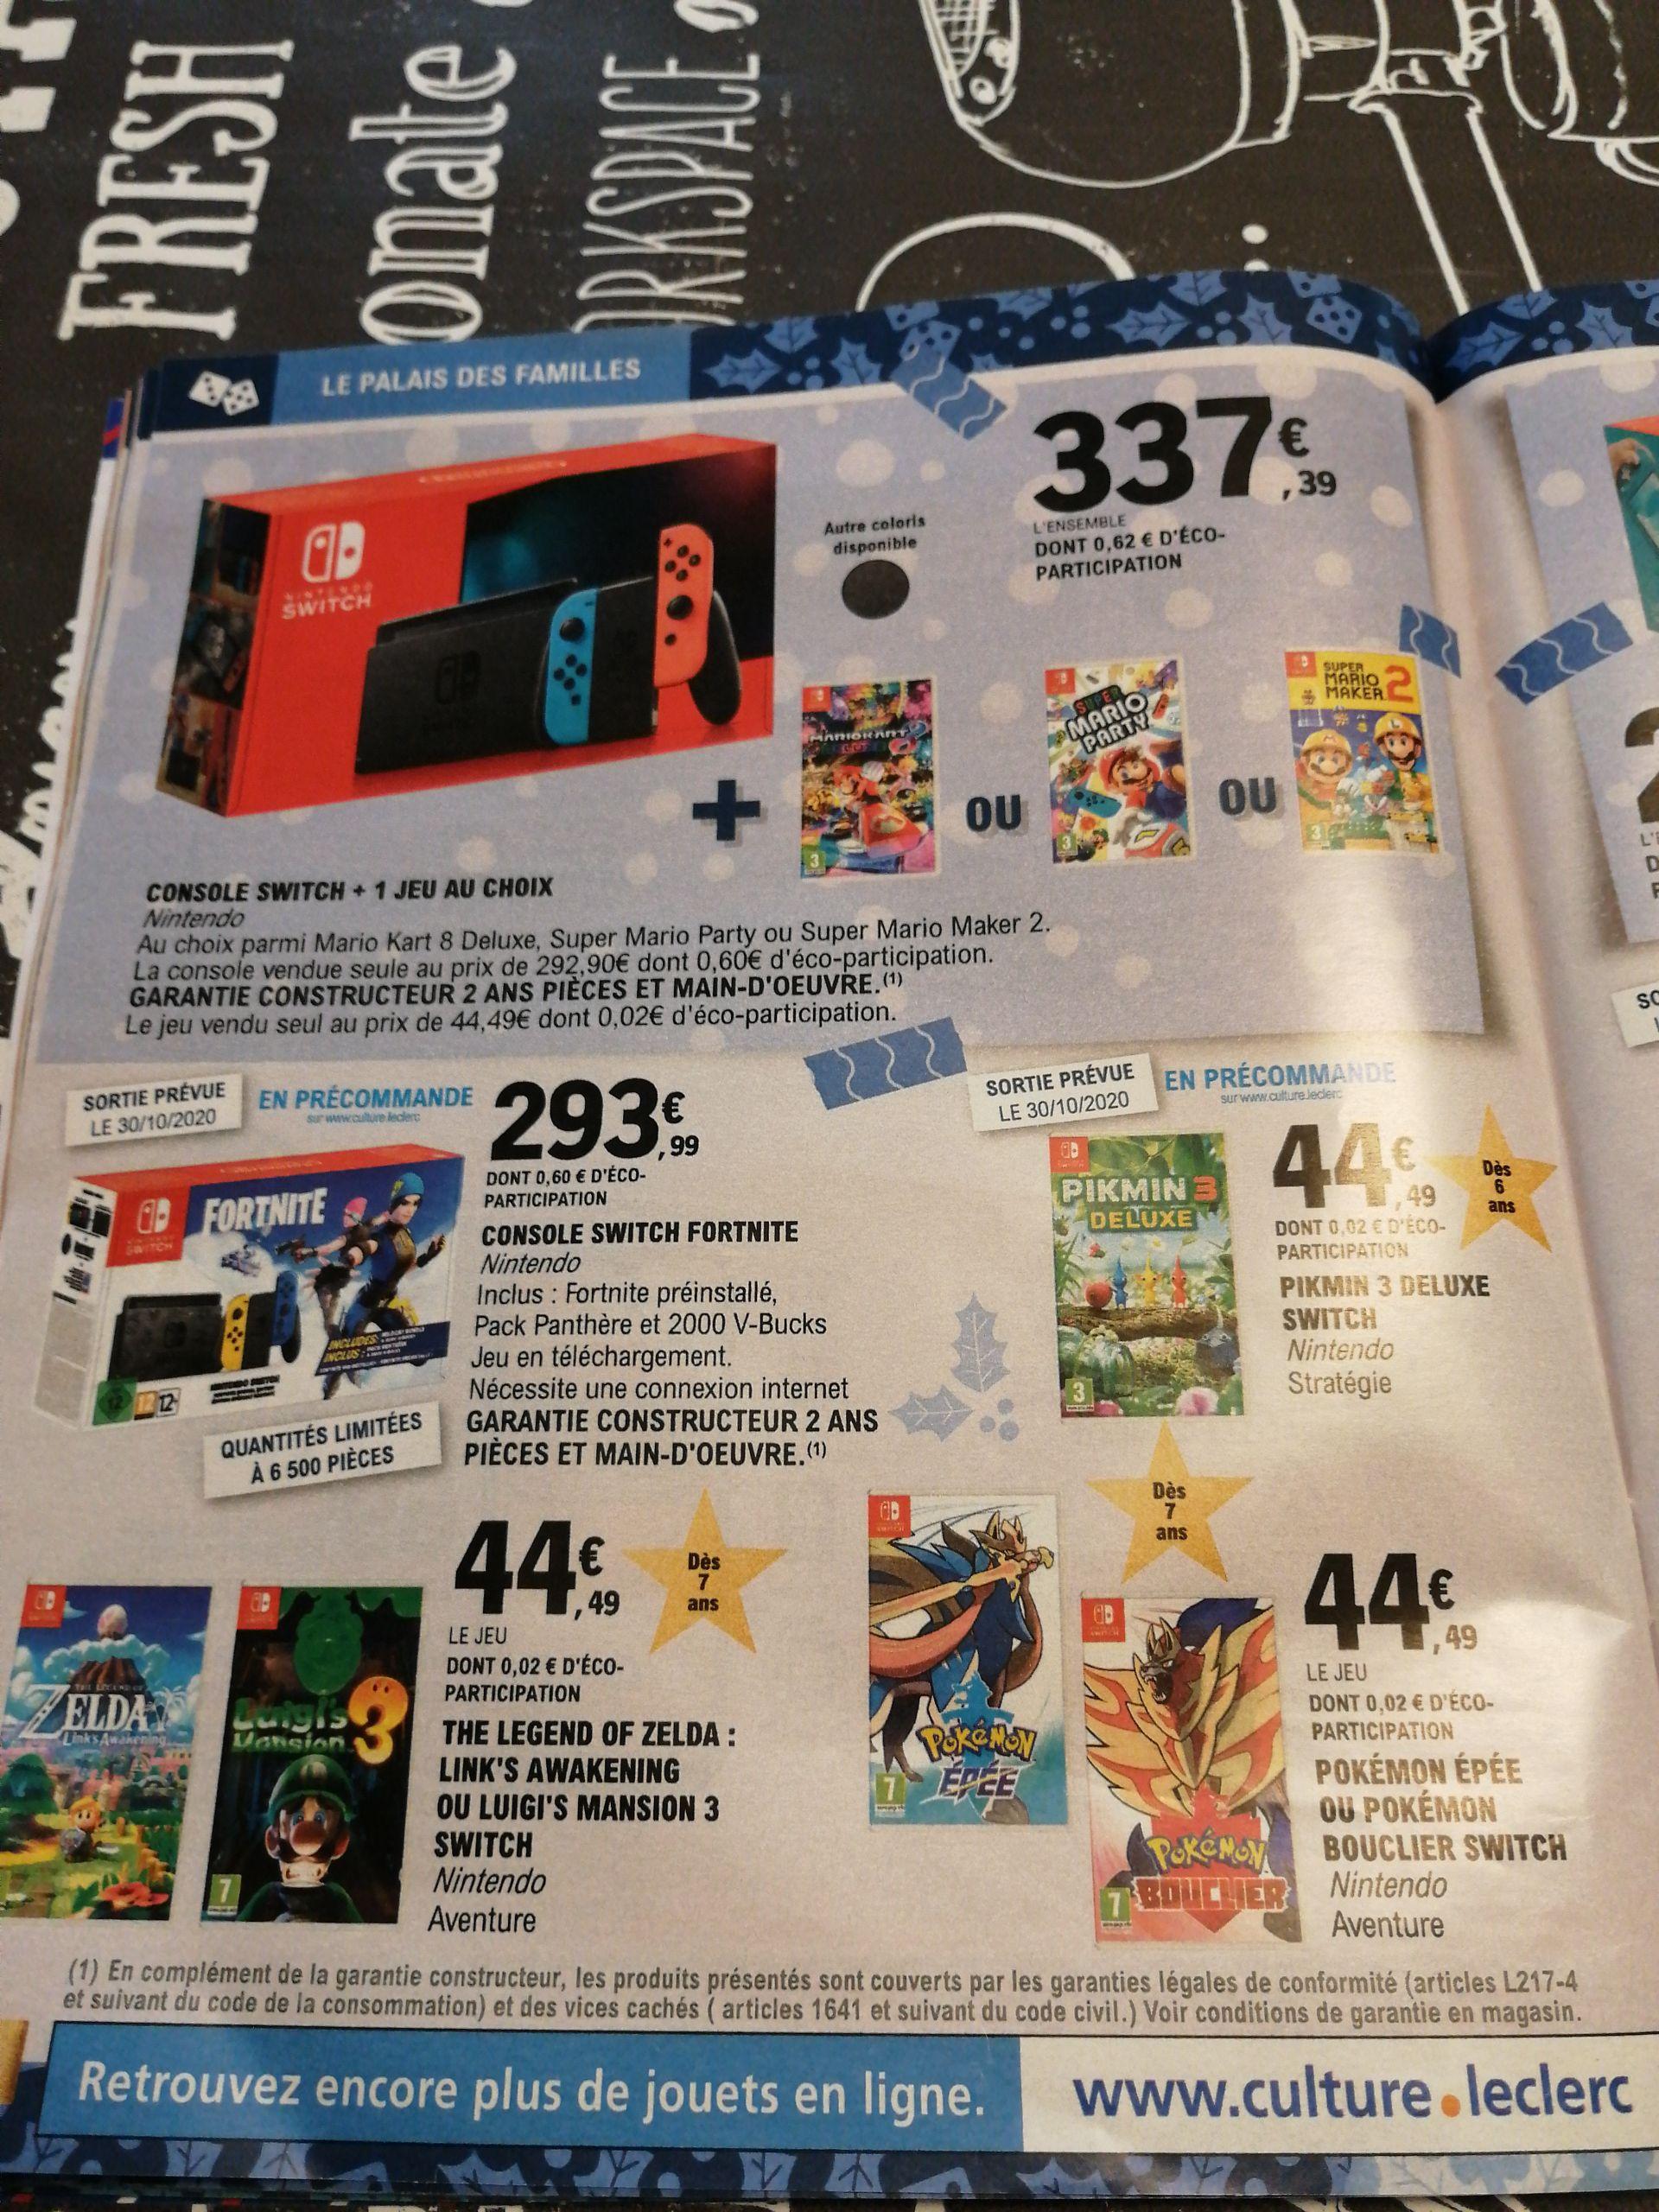 Console Nintendo Switch + 1 jeu au choix parmi une sélection - Loison sous Lens (62)